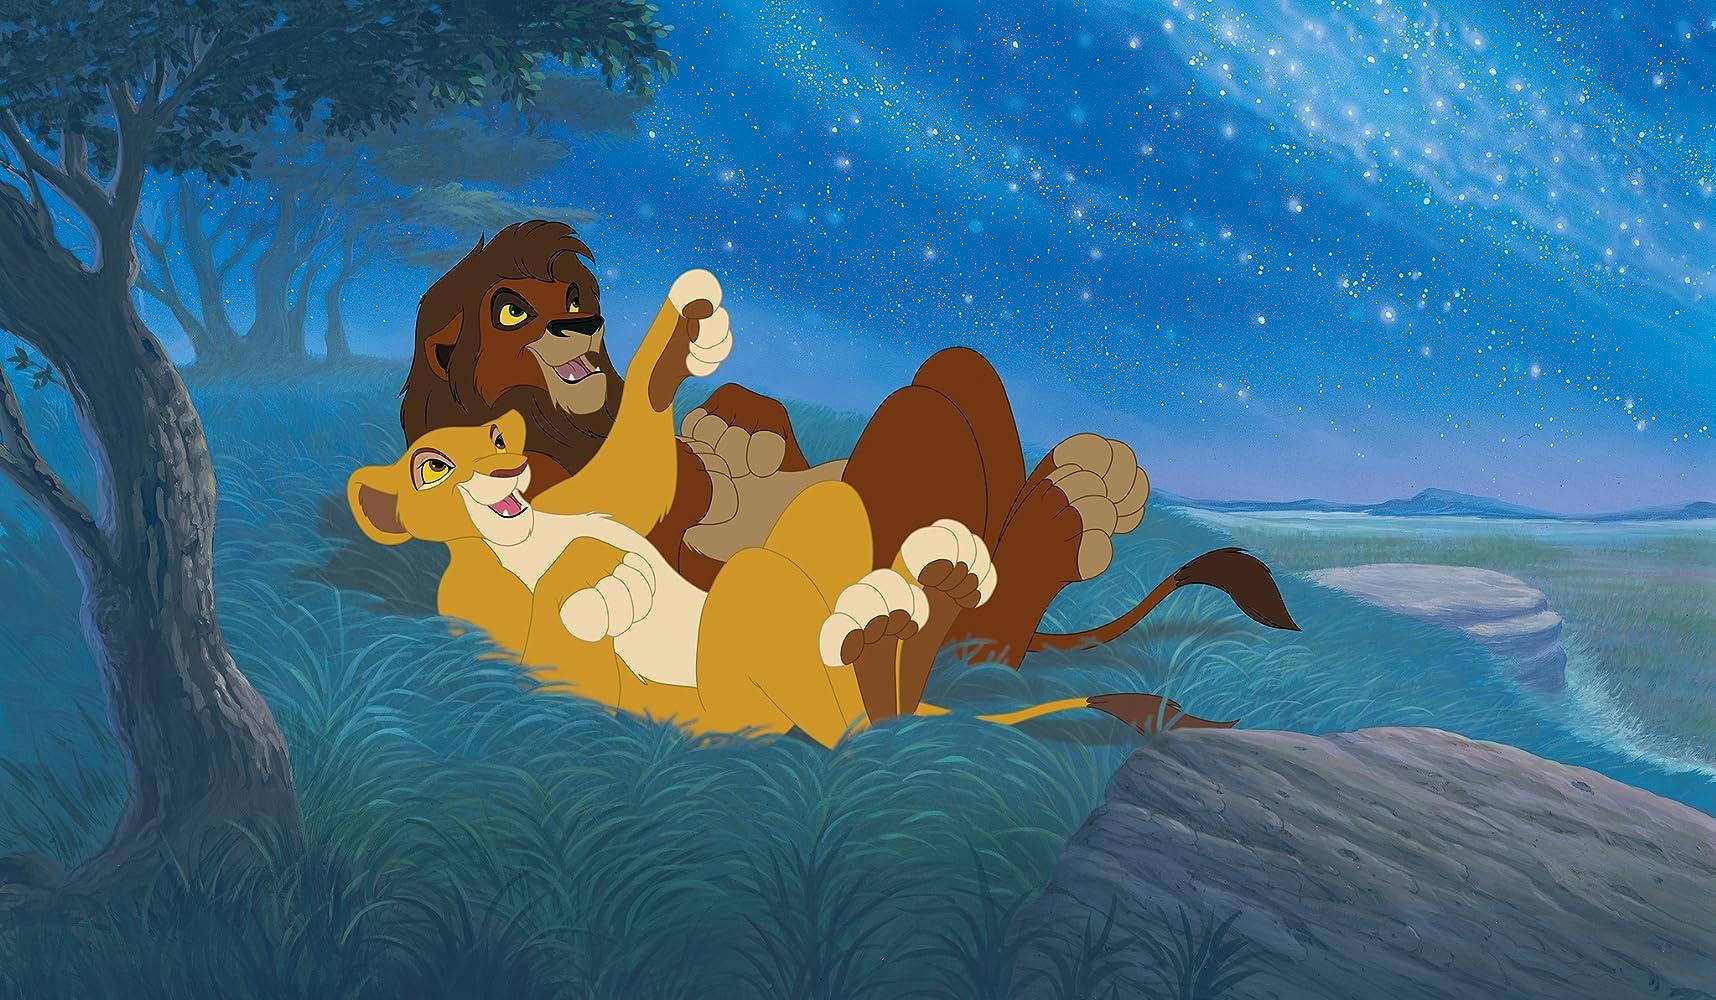 Descargar El rey león 2: El tesoro de Simba Castellano por MEGA.